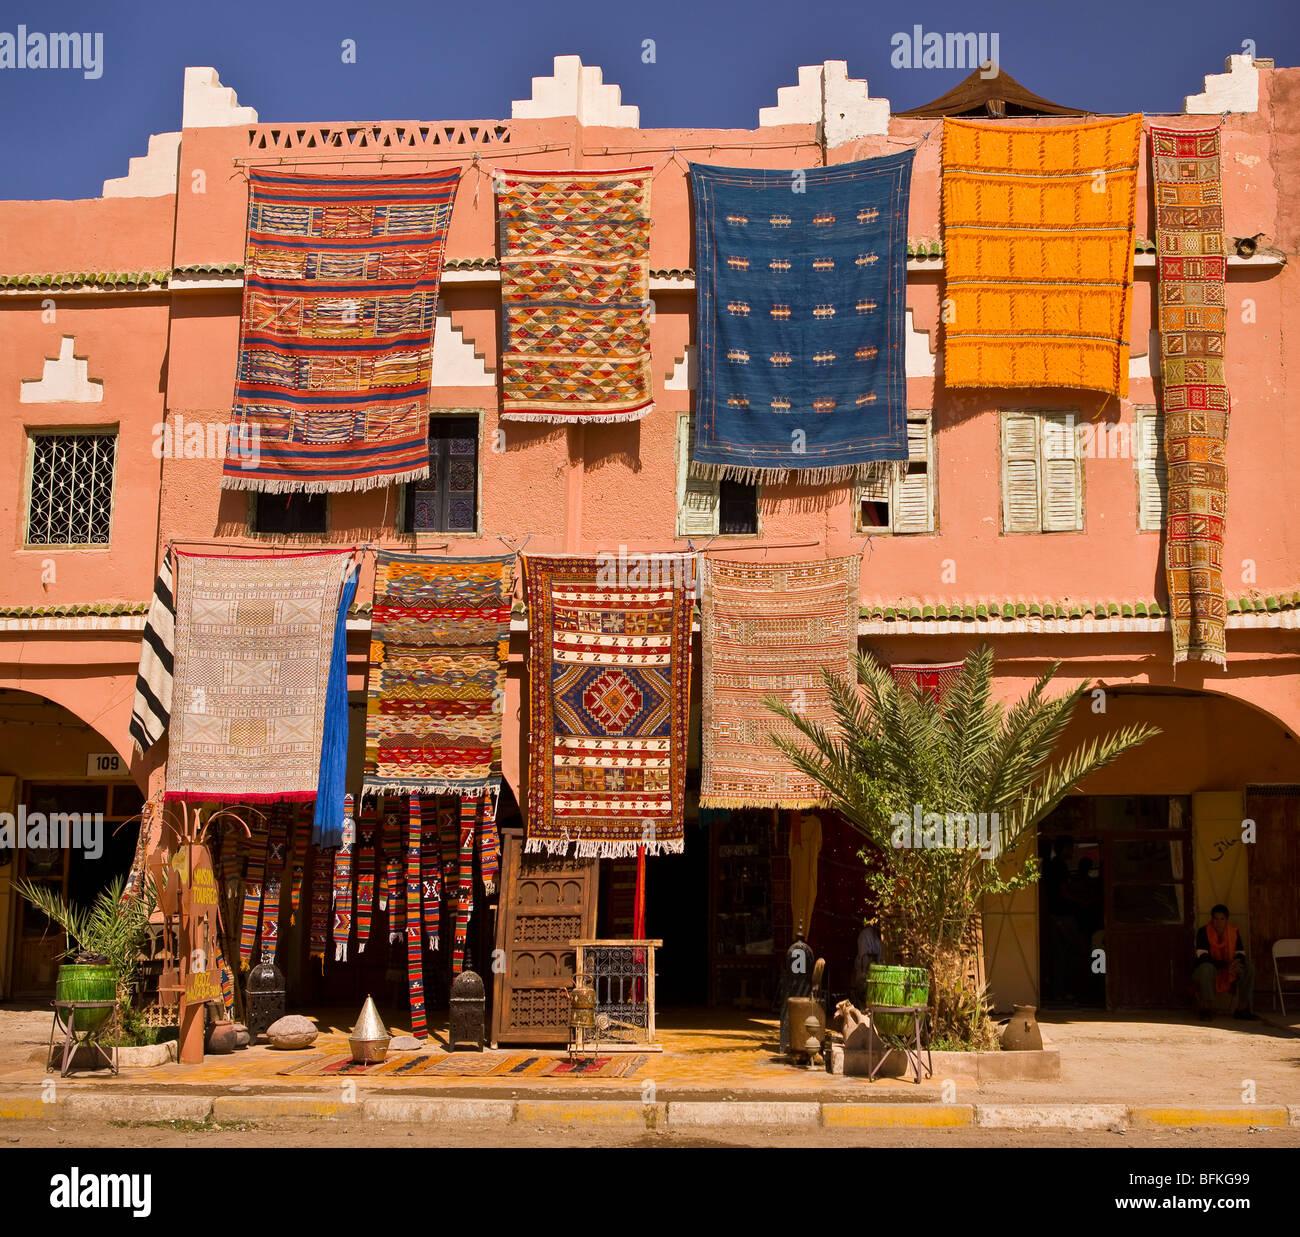 Textiles Tapestries Stock Photos & Textiles Tapestries